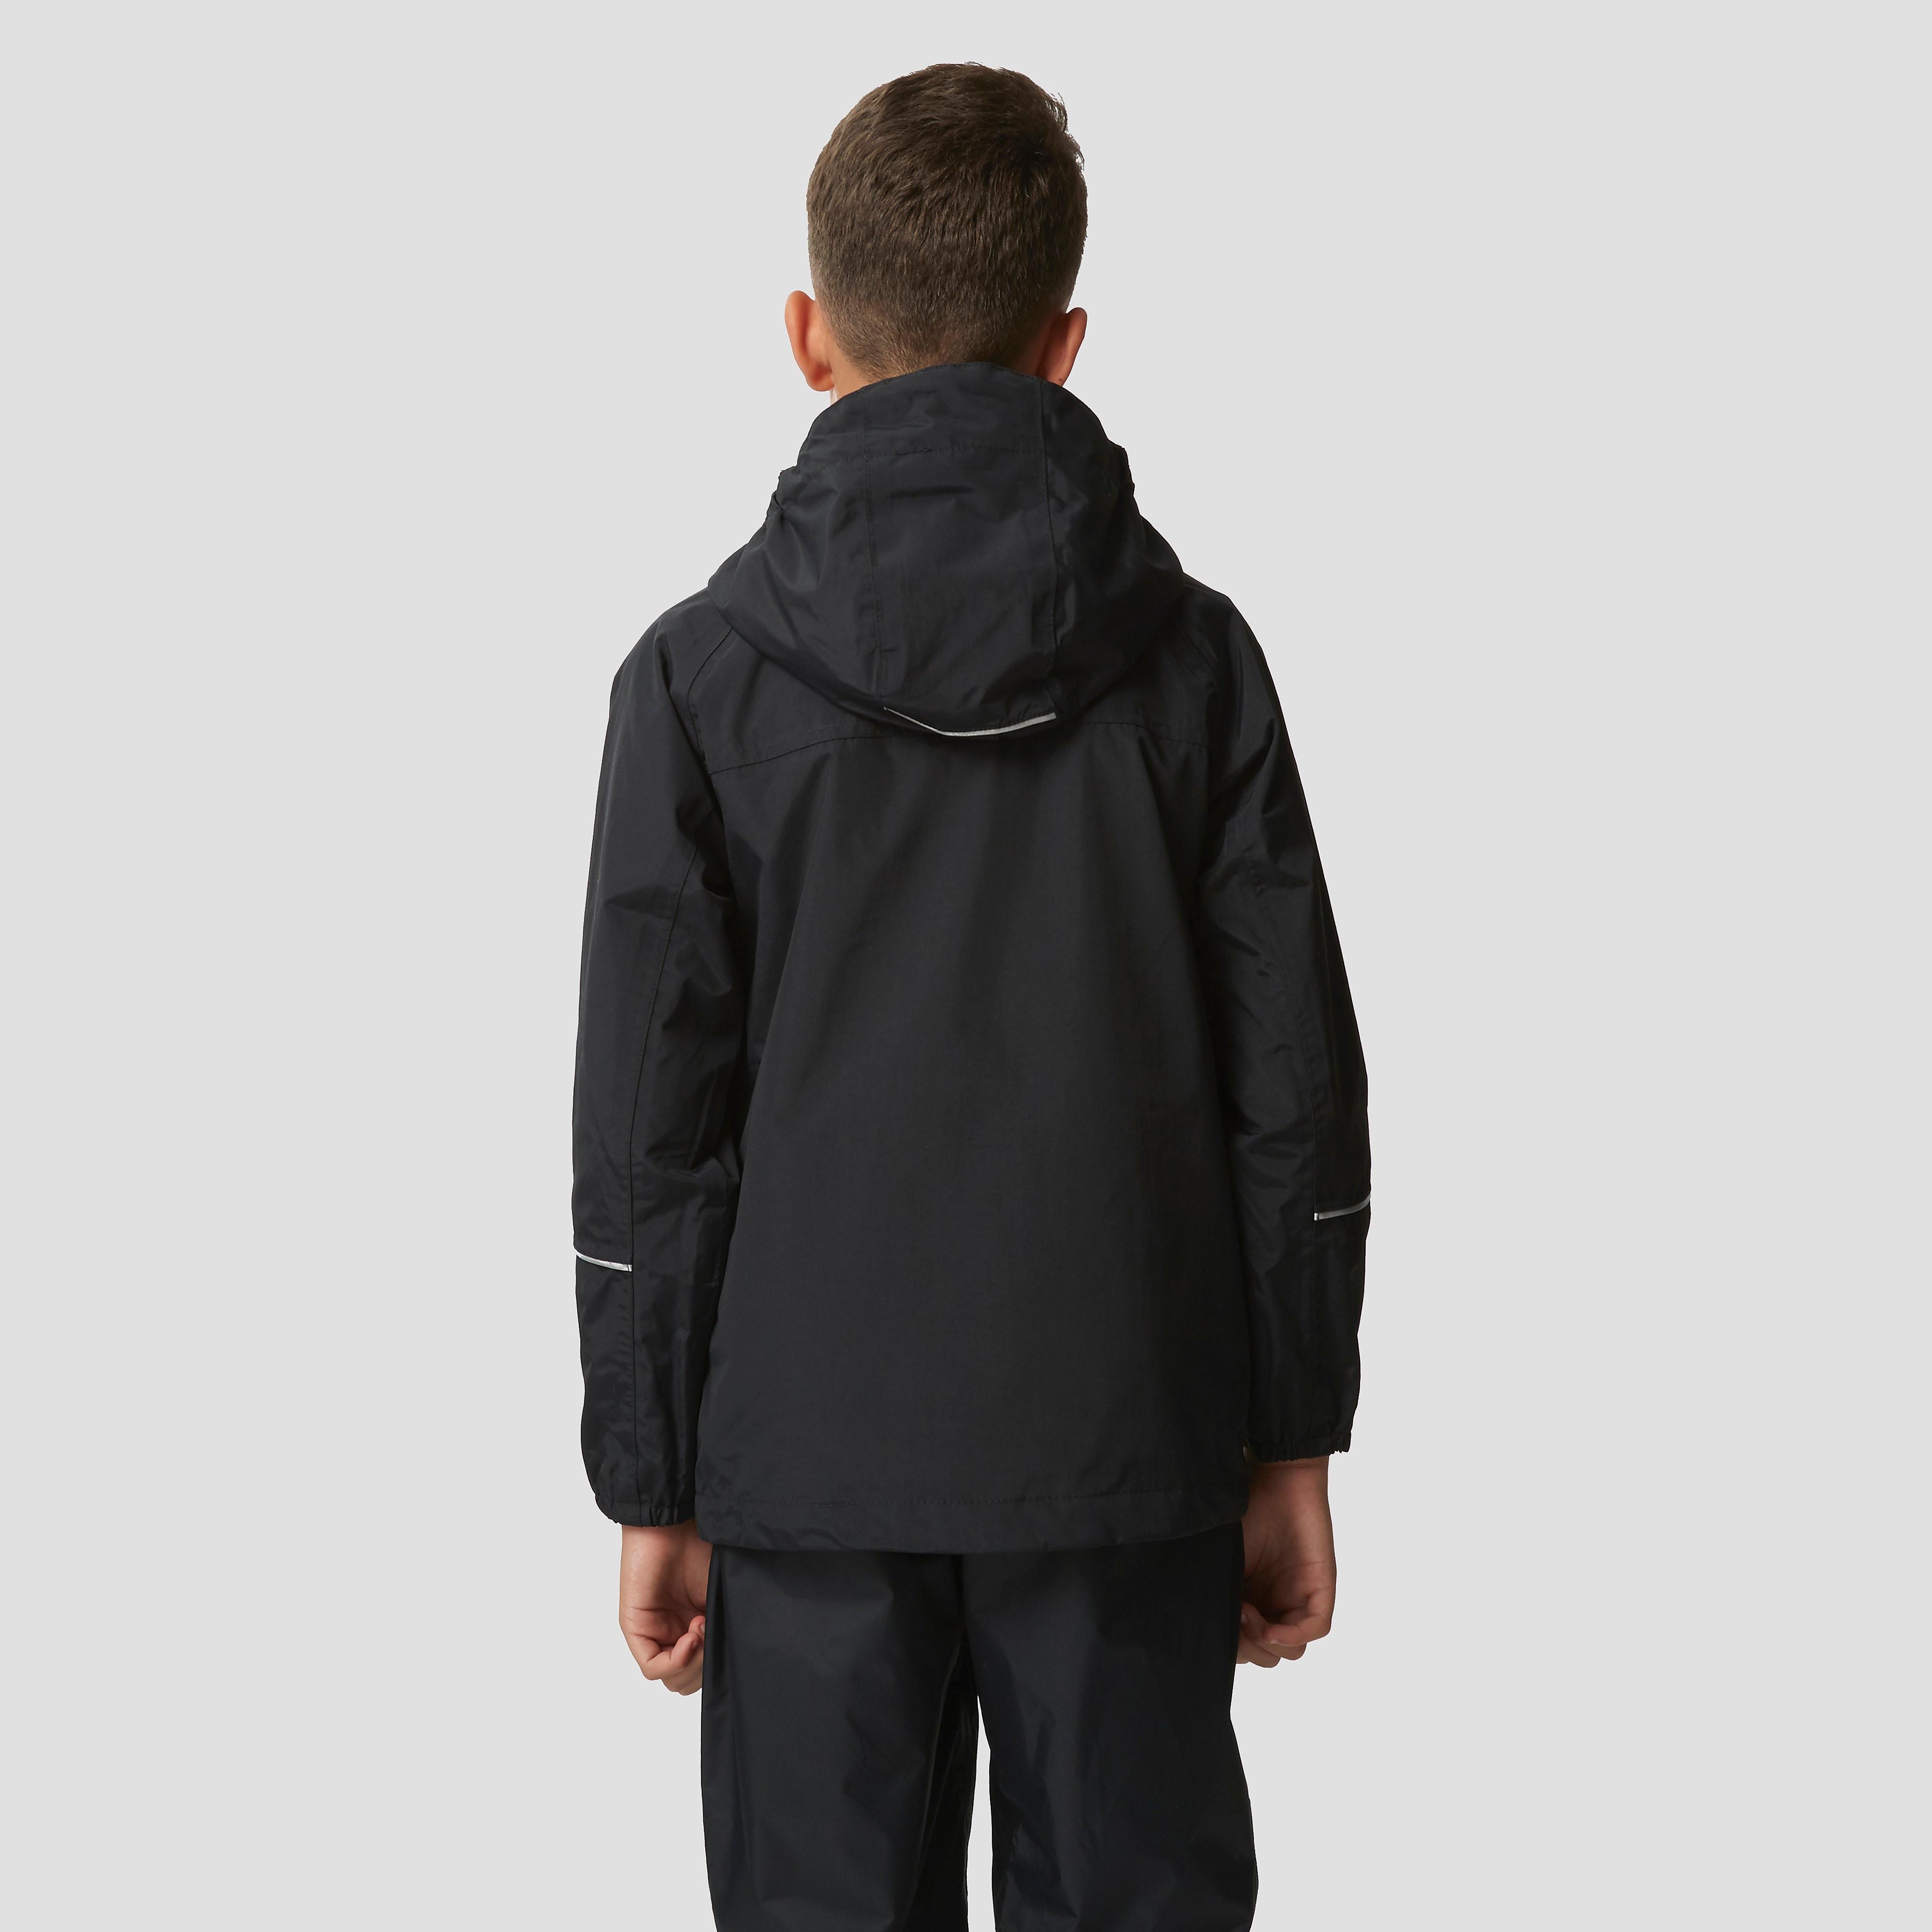 Berghaus Callander Boy's Waterproof Jacket